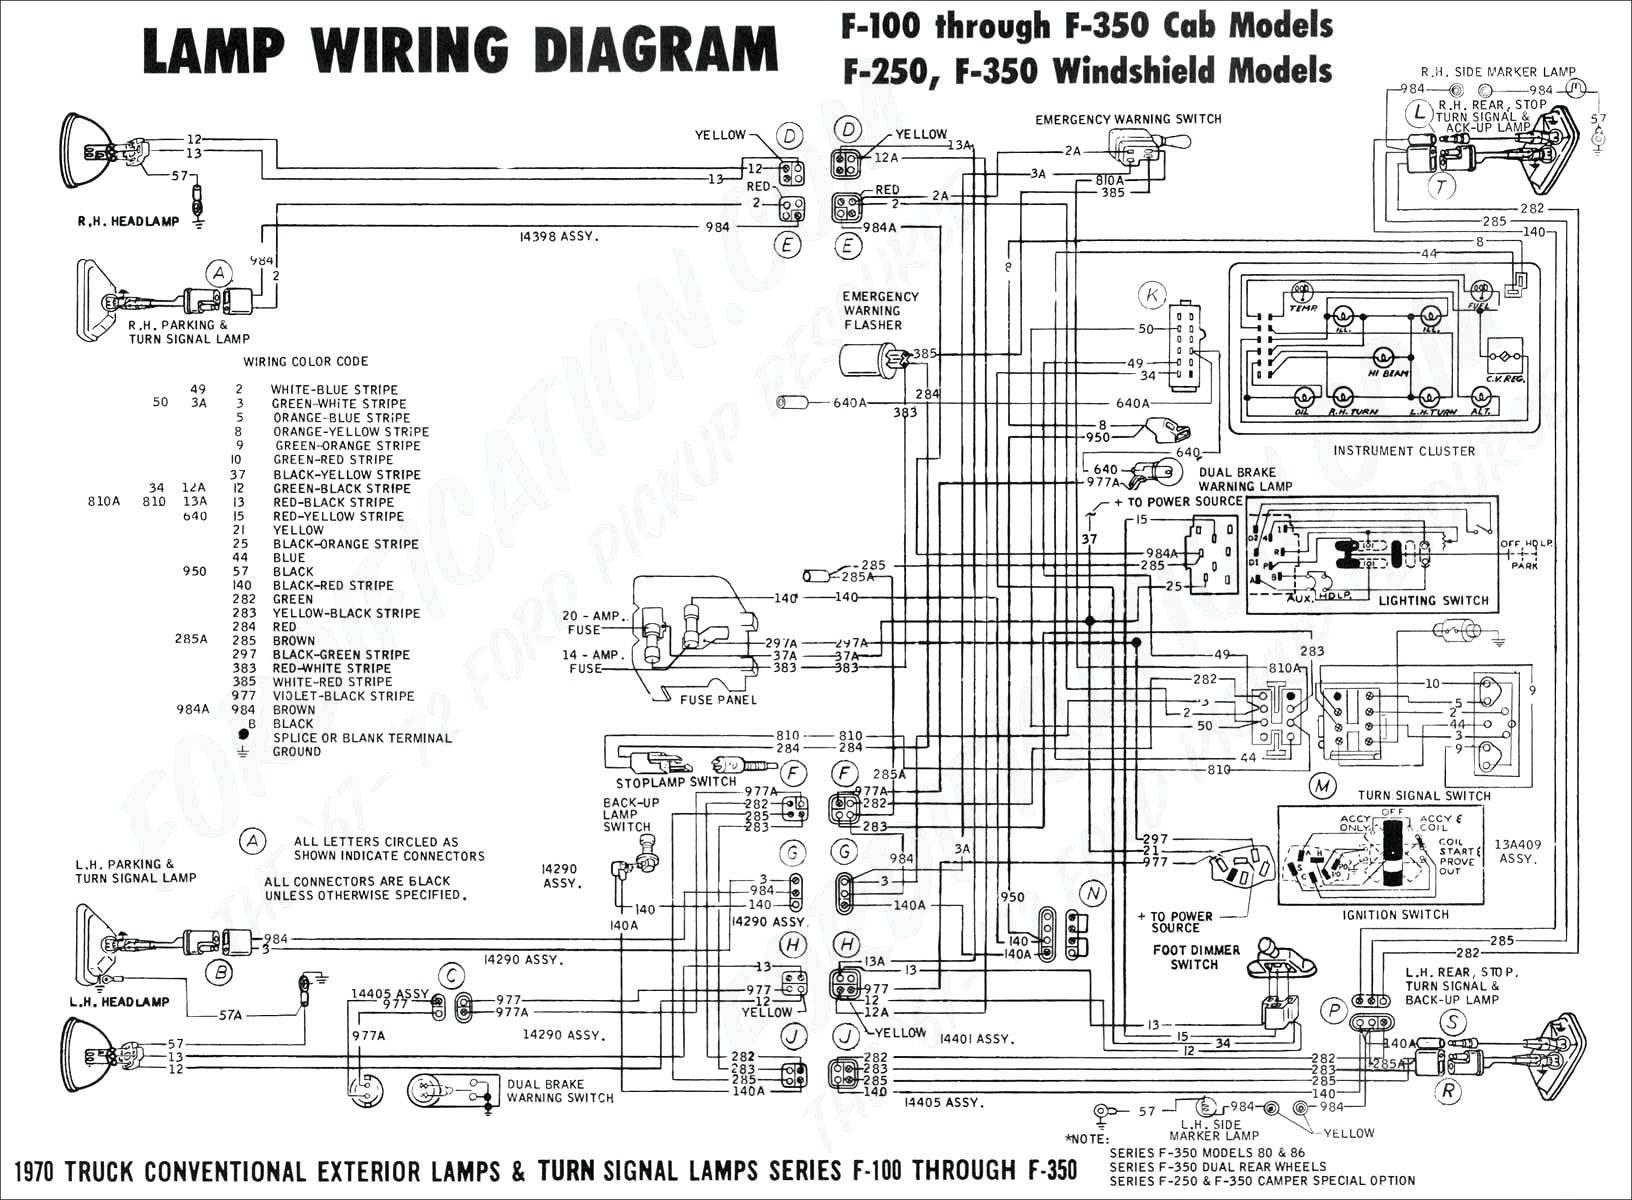 2007 Dodge Ram Wiring Schematic 85z85r 3 Way Switch Wiring 2012 Dodge Ram Wiring Diagram Hd Of 2007 Dodge Ram Wiring Schematic